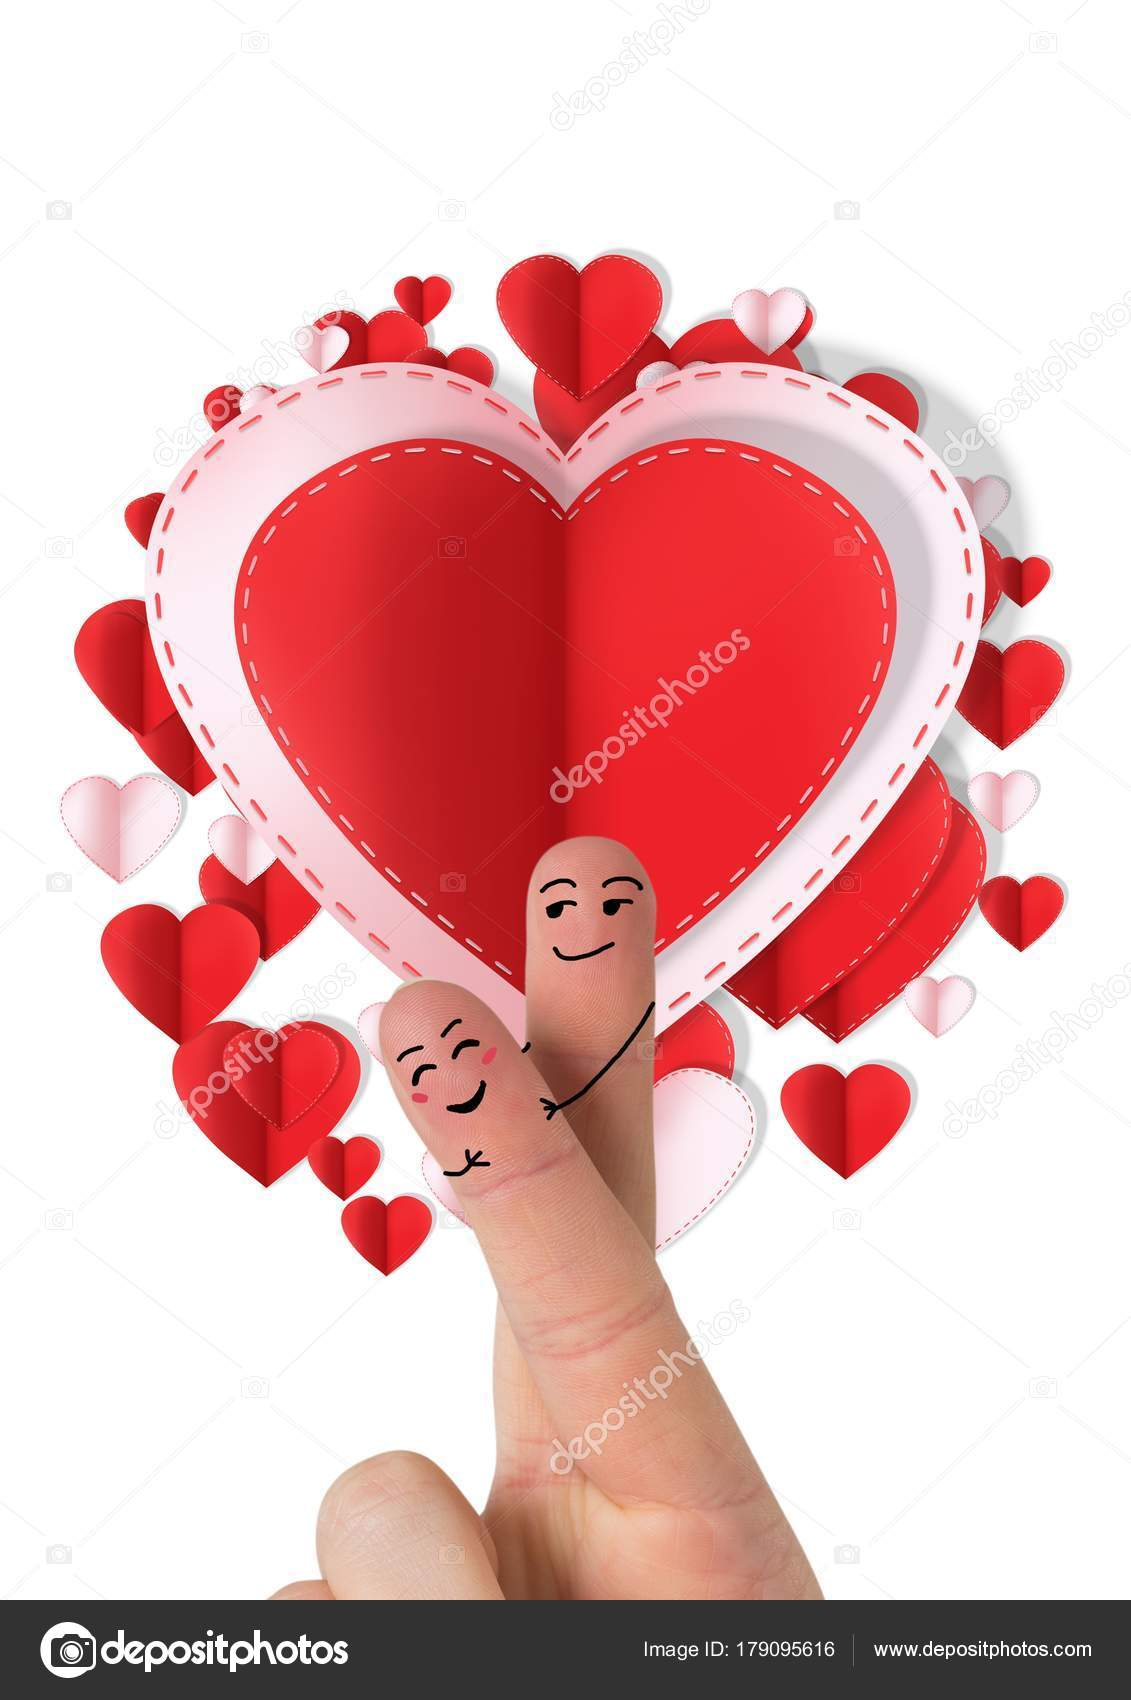 バレンタインの指のデジタル合成大好きカップルと円形の紙バレンタイン心